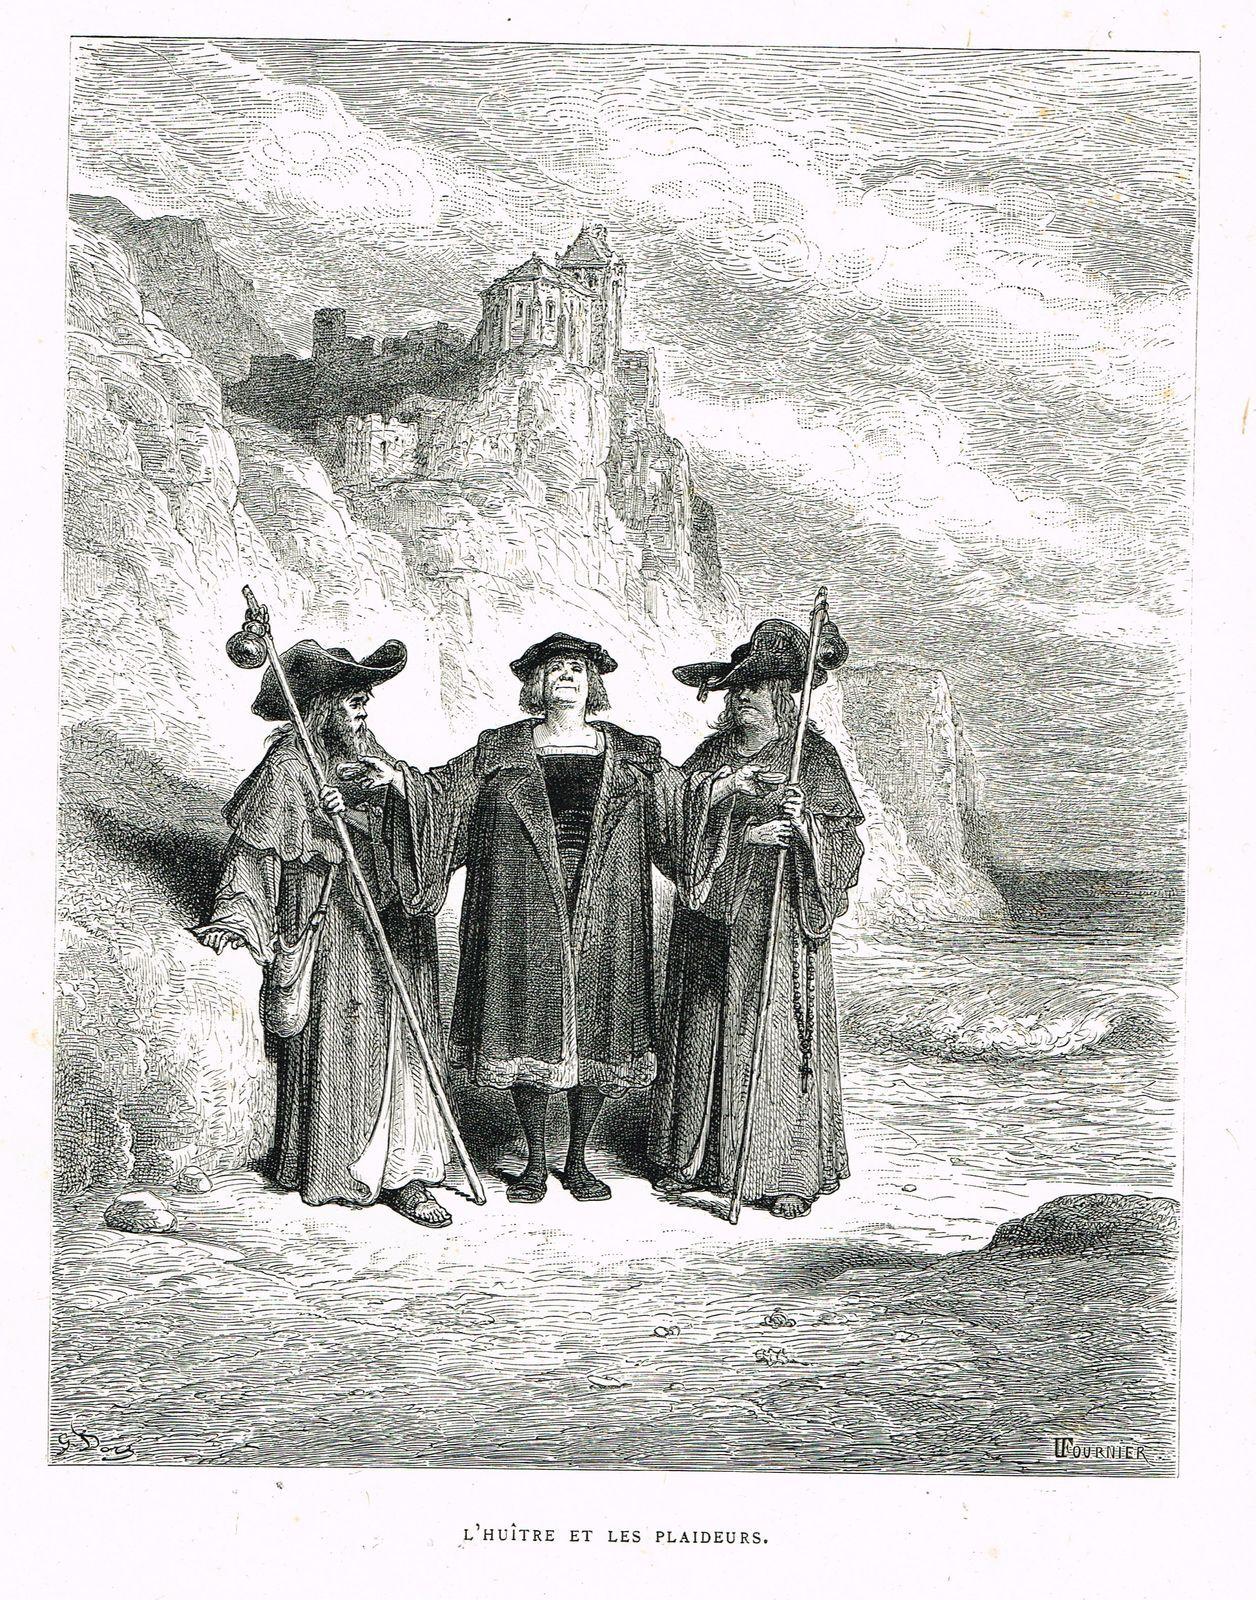 contes, légendes, fables, jean-françois Bladé, meunier, moulin, gascogne, lectoure, patrimoine